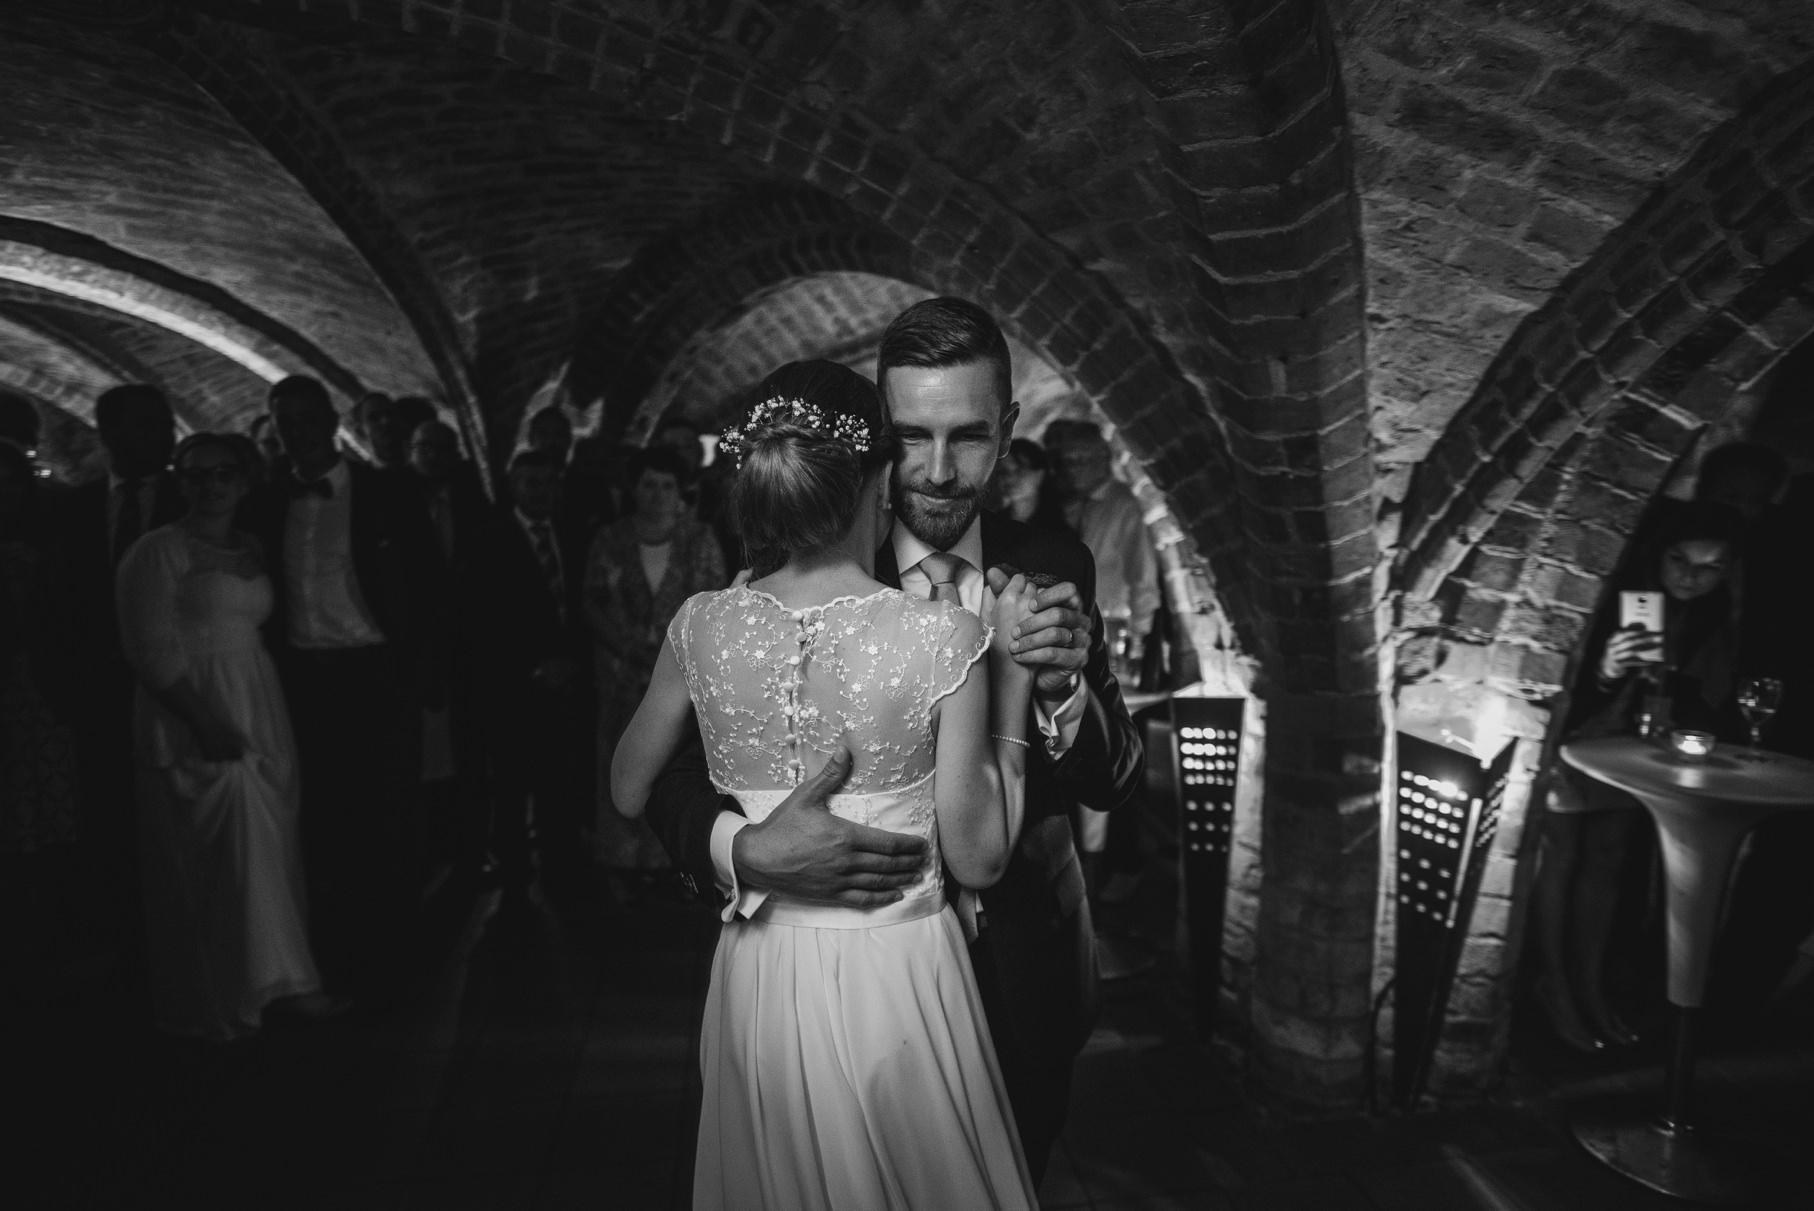 0101 schloss neuhausen hochzeitsfotograf hamburg anne bjoern - Hochzeit auf Schloss Neuhausen - Anne & Sebastian